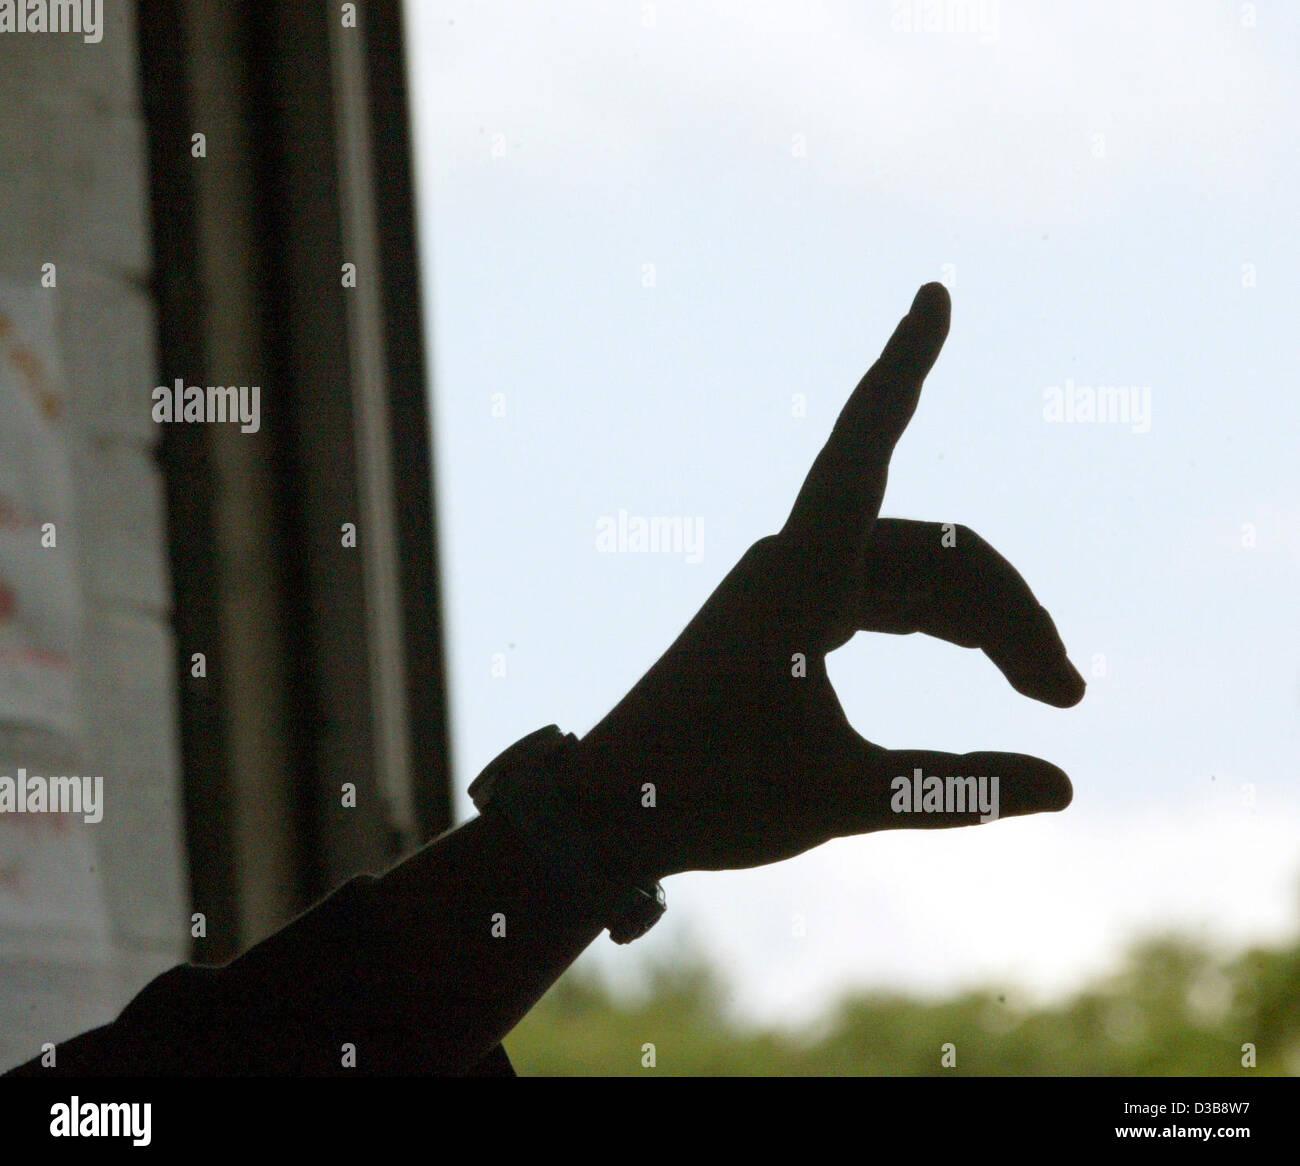 (Dpa) - uno studente del dito è in aria per indicare la richiesta di parlare alla Stauding full-time completo Immagini Stock